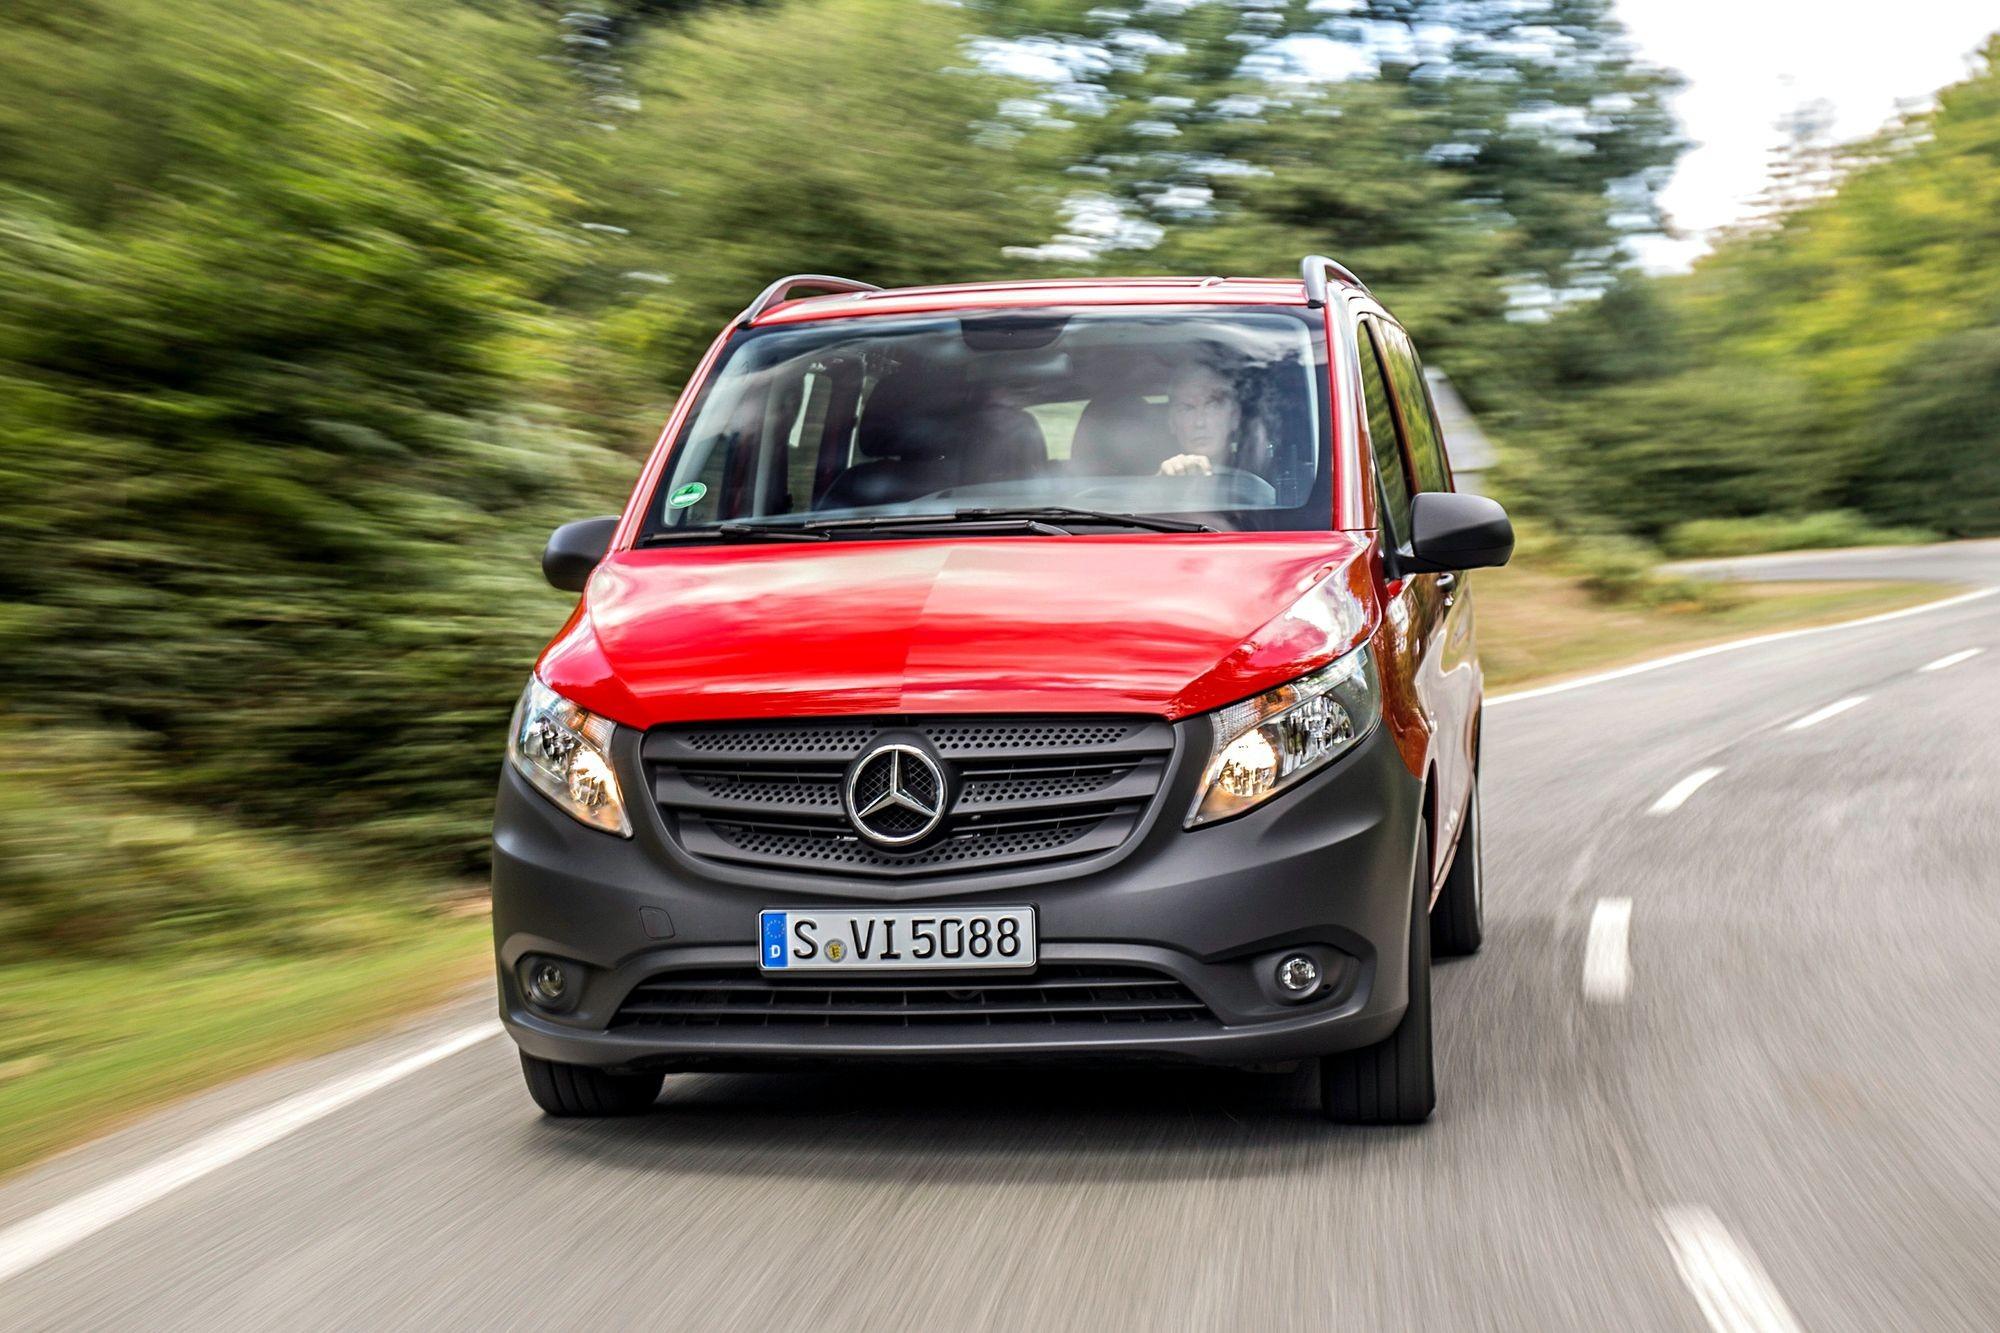 Mercedes-Benz Vito может «поджарить» пассажира: объявлен отзыв в России